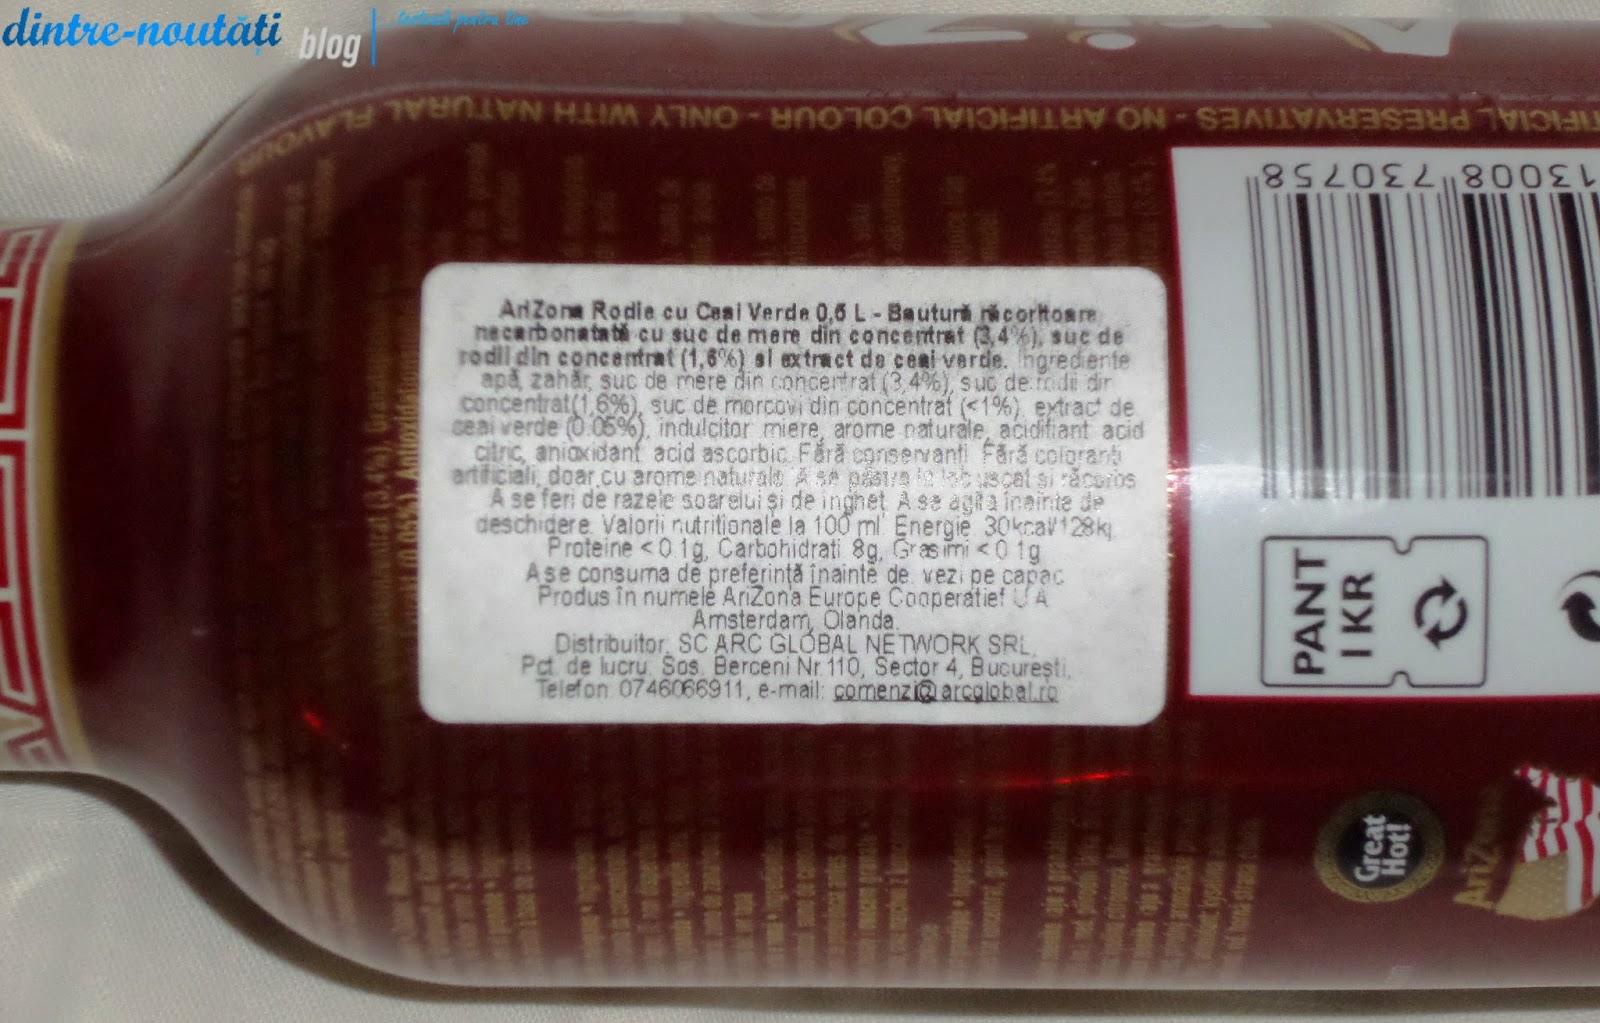 AriZona Rodie cu Ceai Verde 0,5 L - Băutură răcoritoare necarbonată cu suc de mere din concentrat (3,4%), suc de rodii din concentrat (1,6%) și extract de ceai verde.